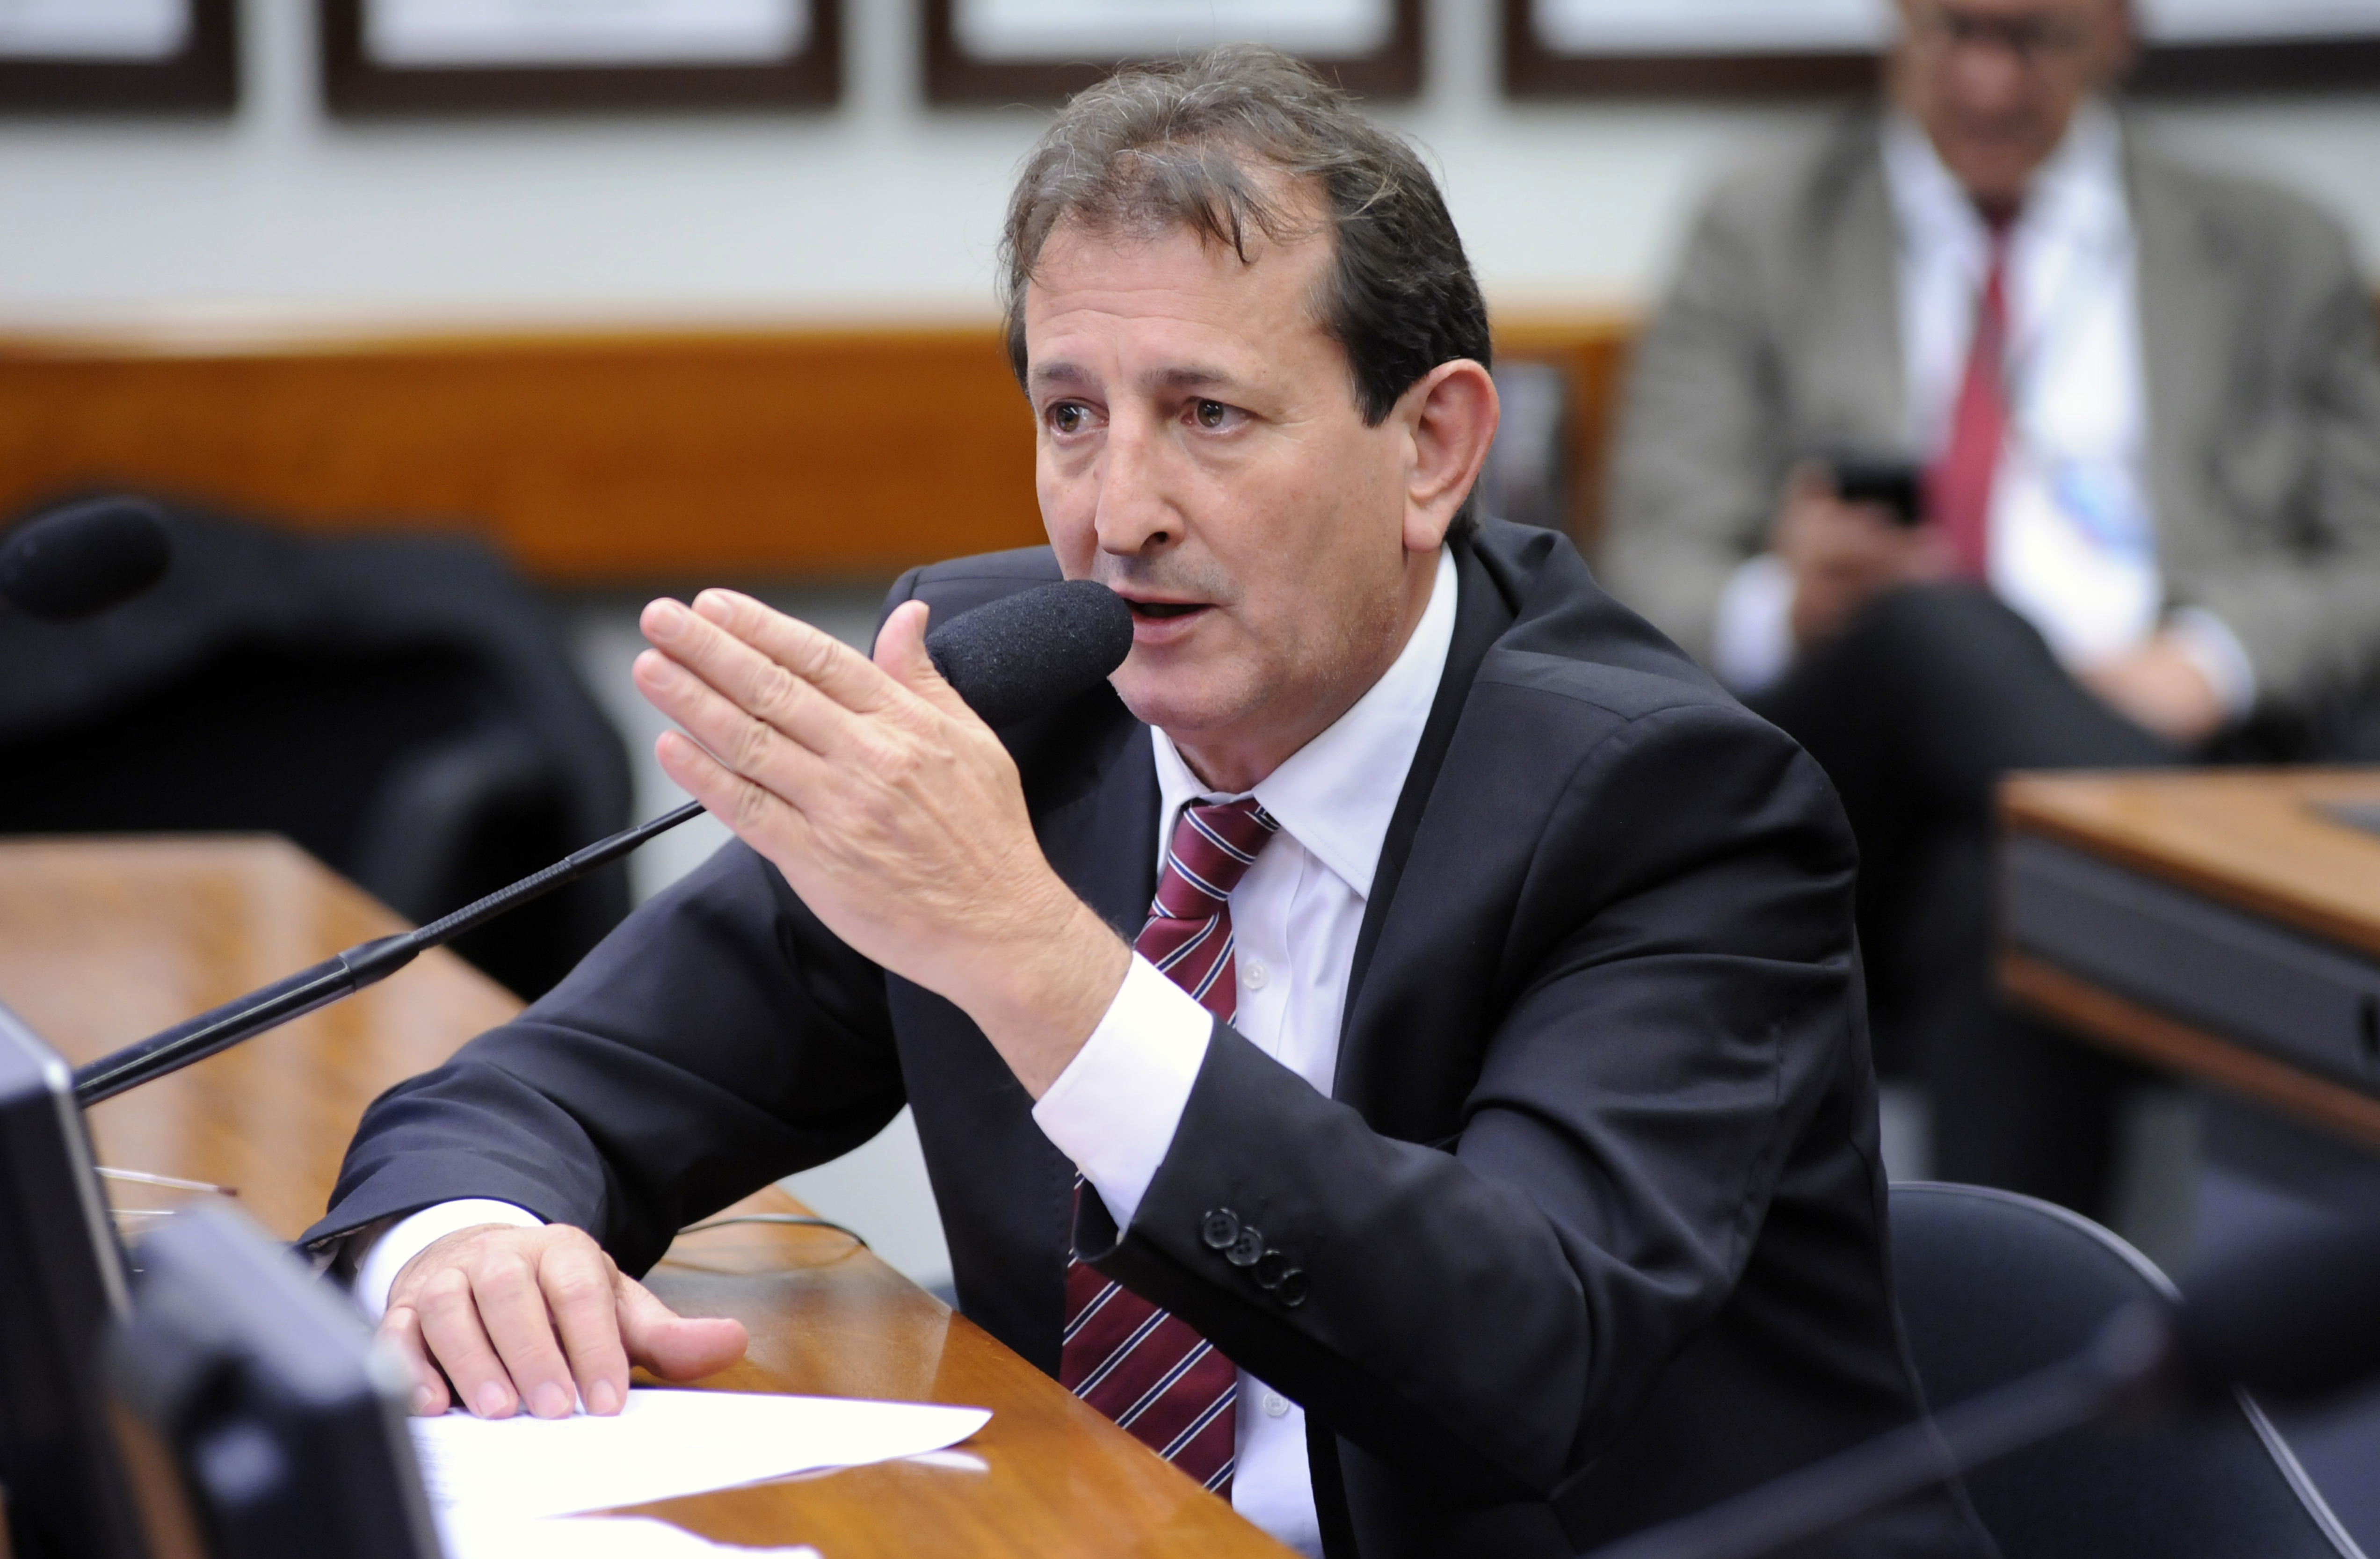 Audiência pública e reunião ordinária sobre os tratados e acordos internacionais, acerca da defesa vegetal, firmados pelo Brasil. Dep. Nilto Tatto (PT - SP)